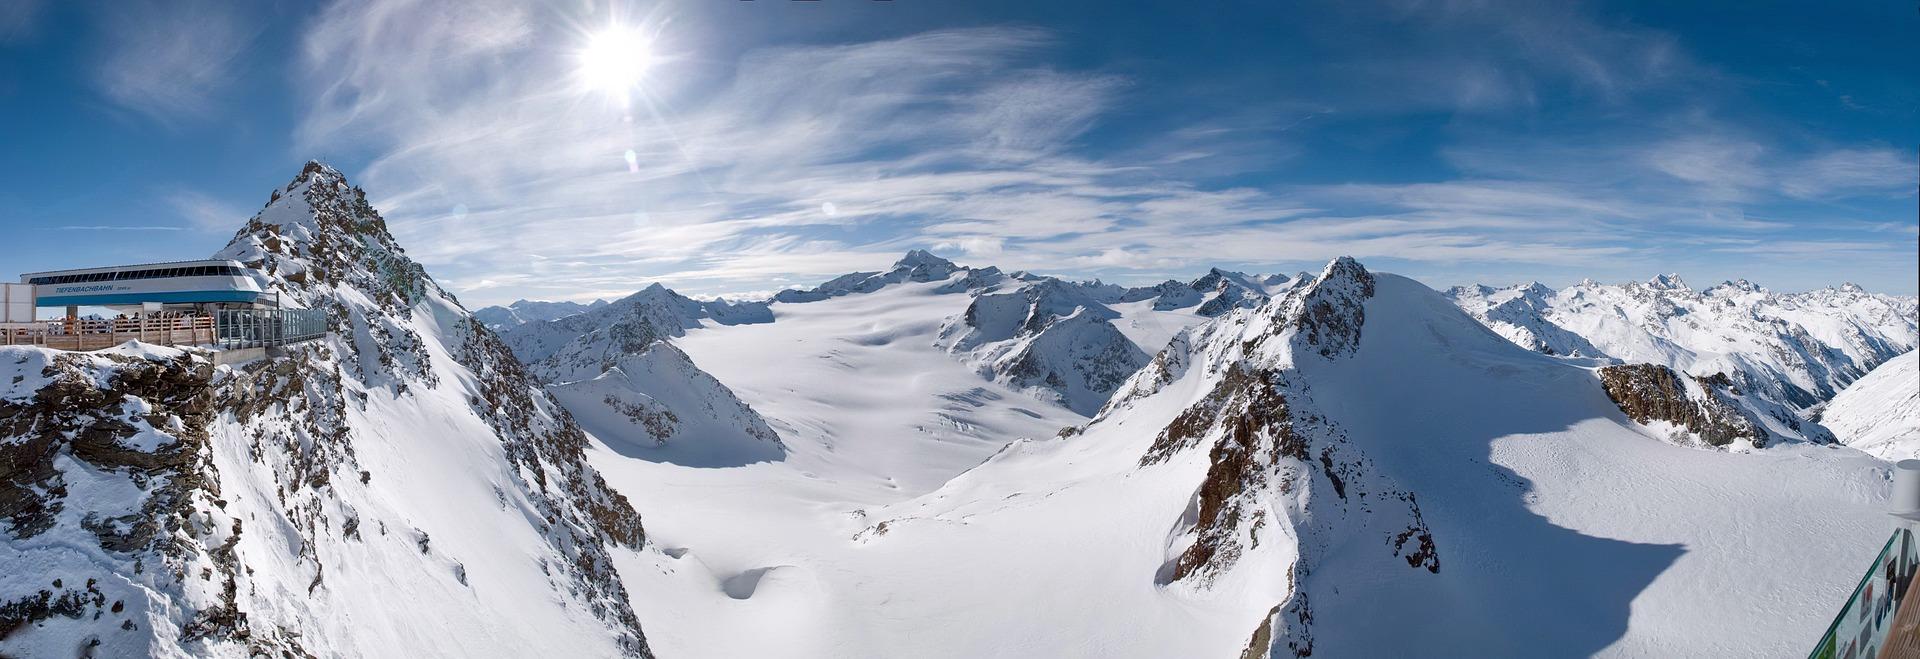 skijalište, alpi, sneg, zima, zimovanje, skije, bord